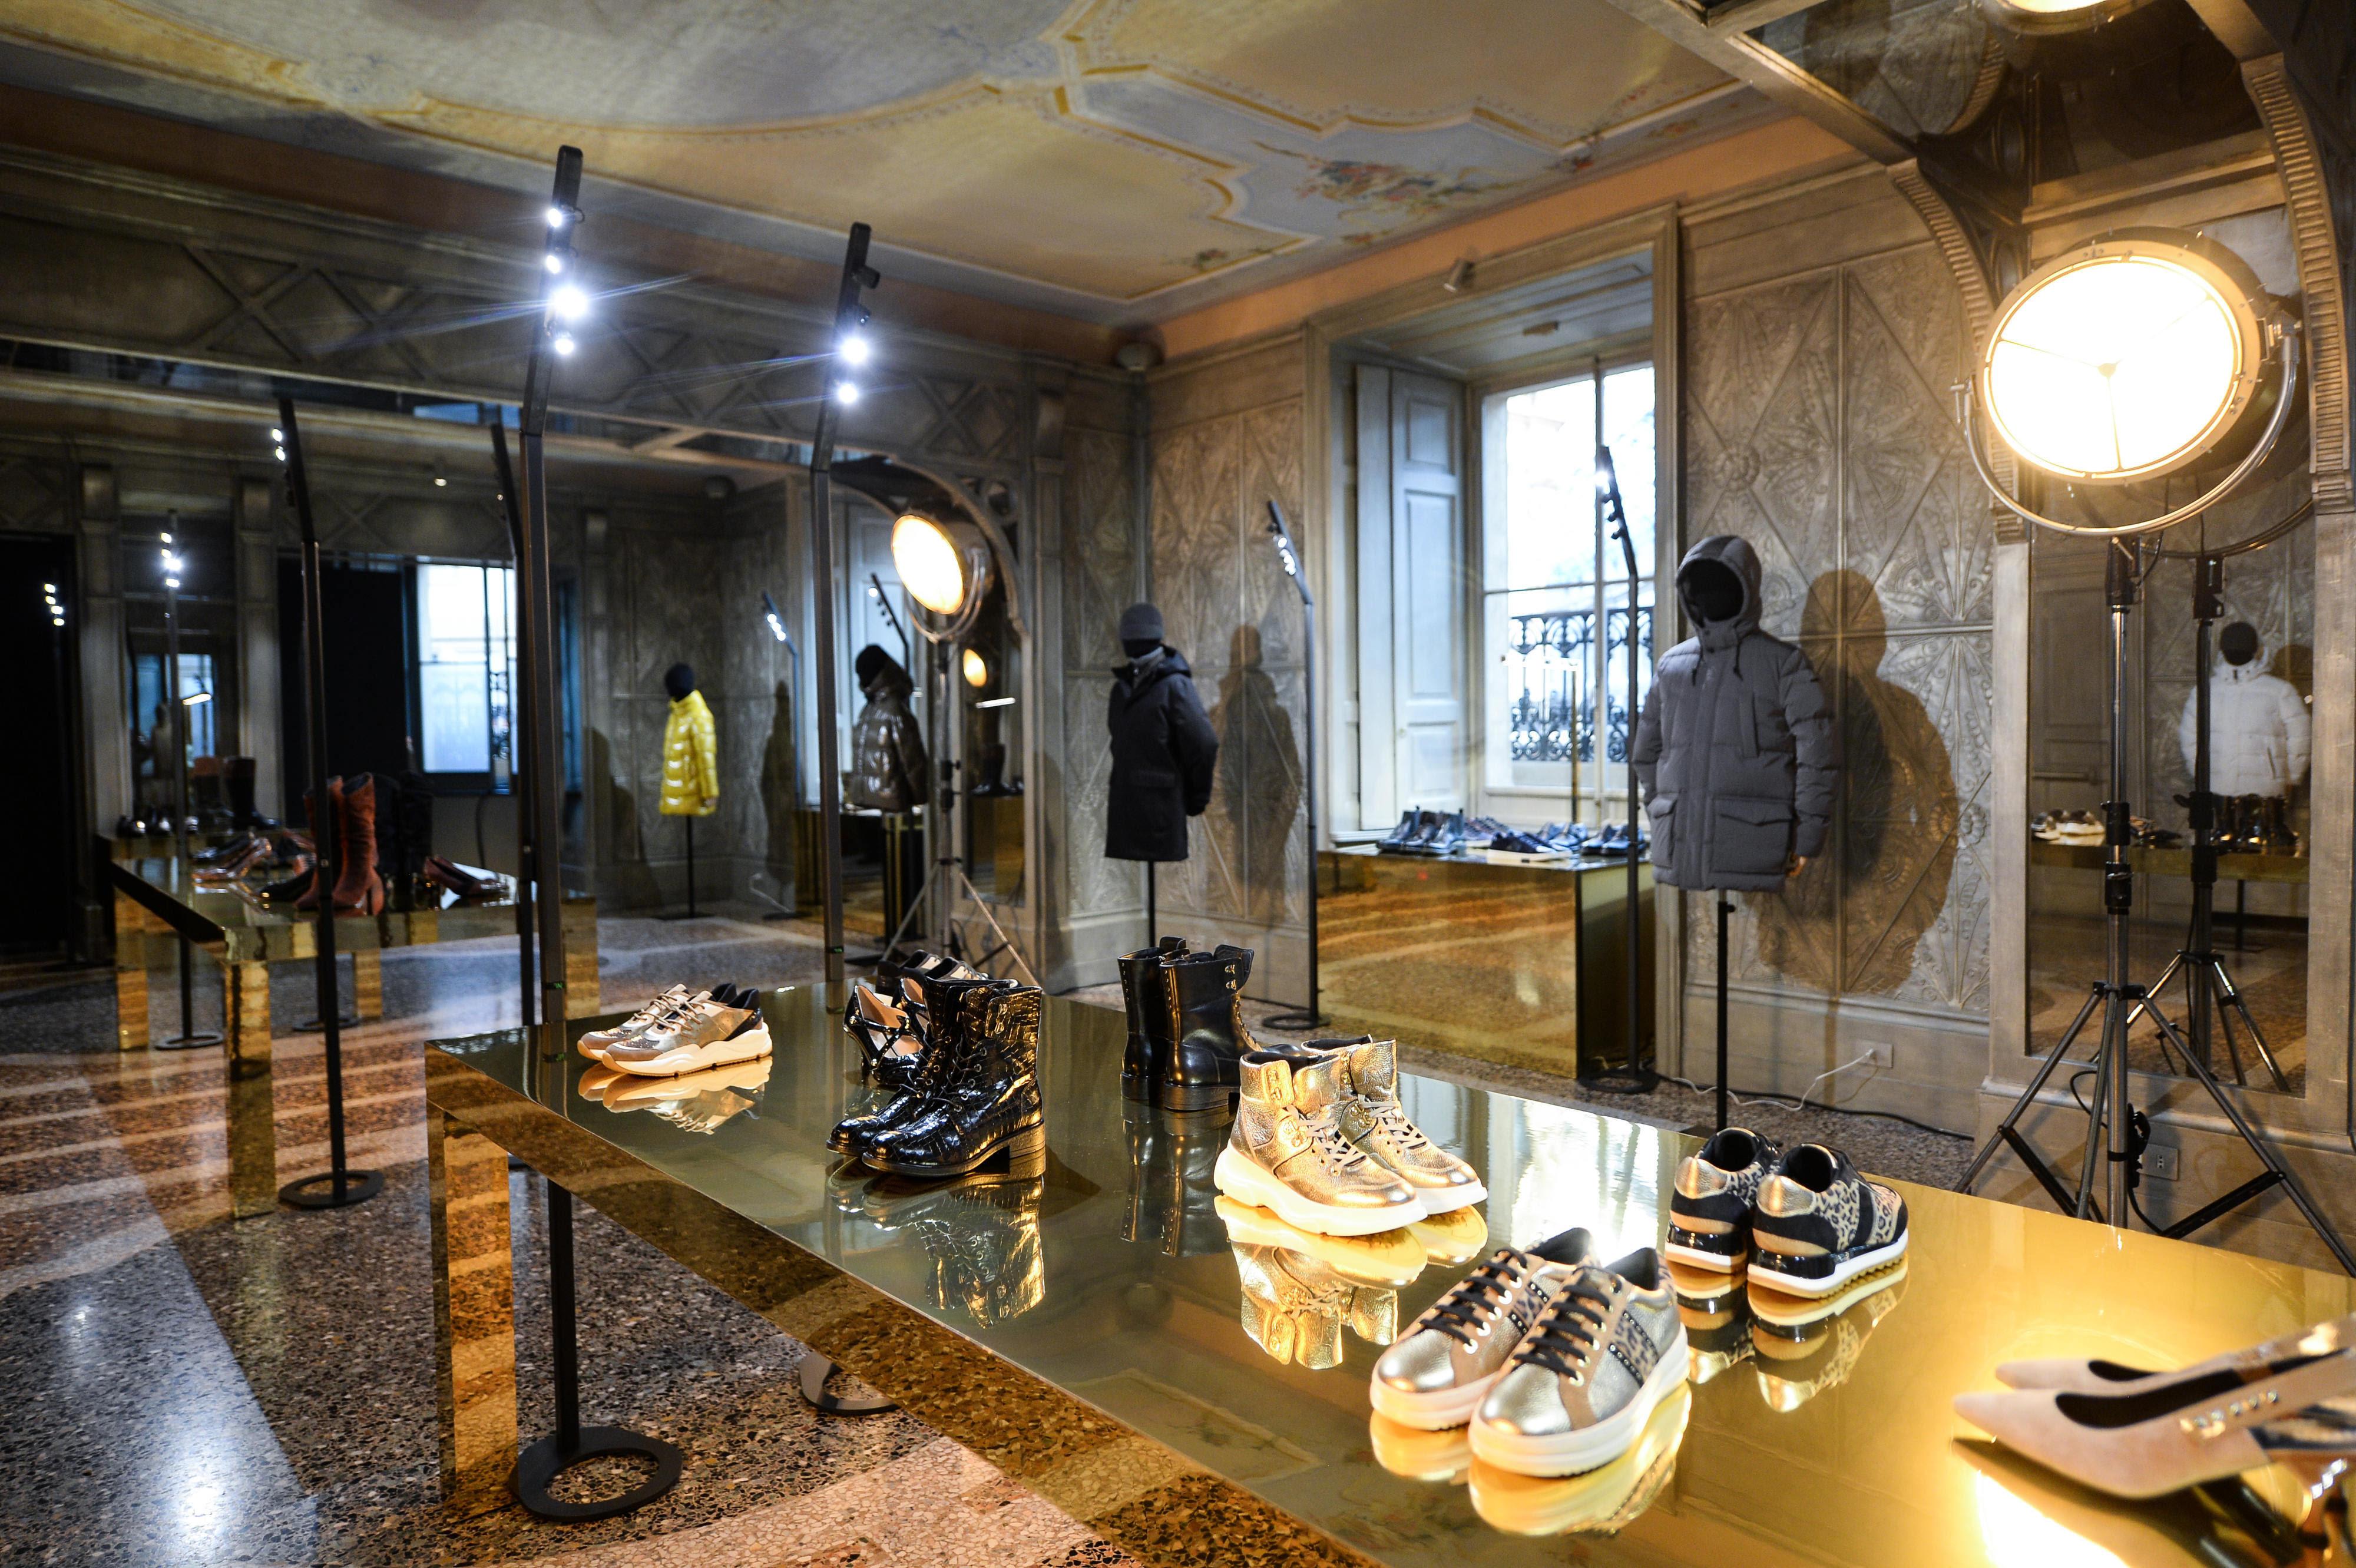 e9967596 576d 422e 83b7 4de7747bfd1e - GEOX presenta su colección Otoño/Invierno 2020 de calzado y prendas exteriores para mujer